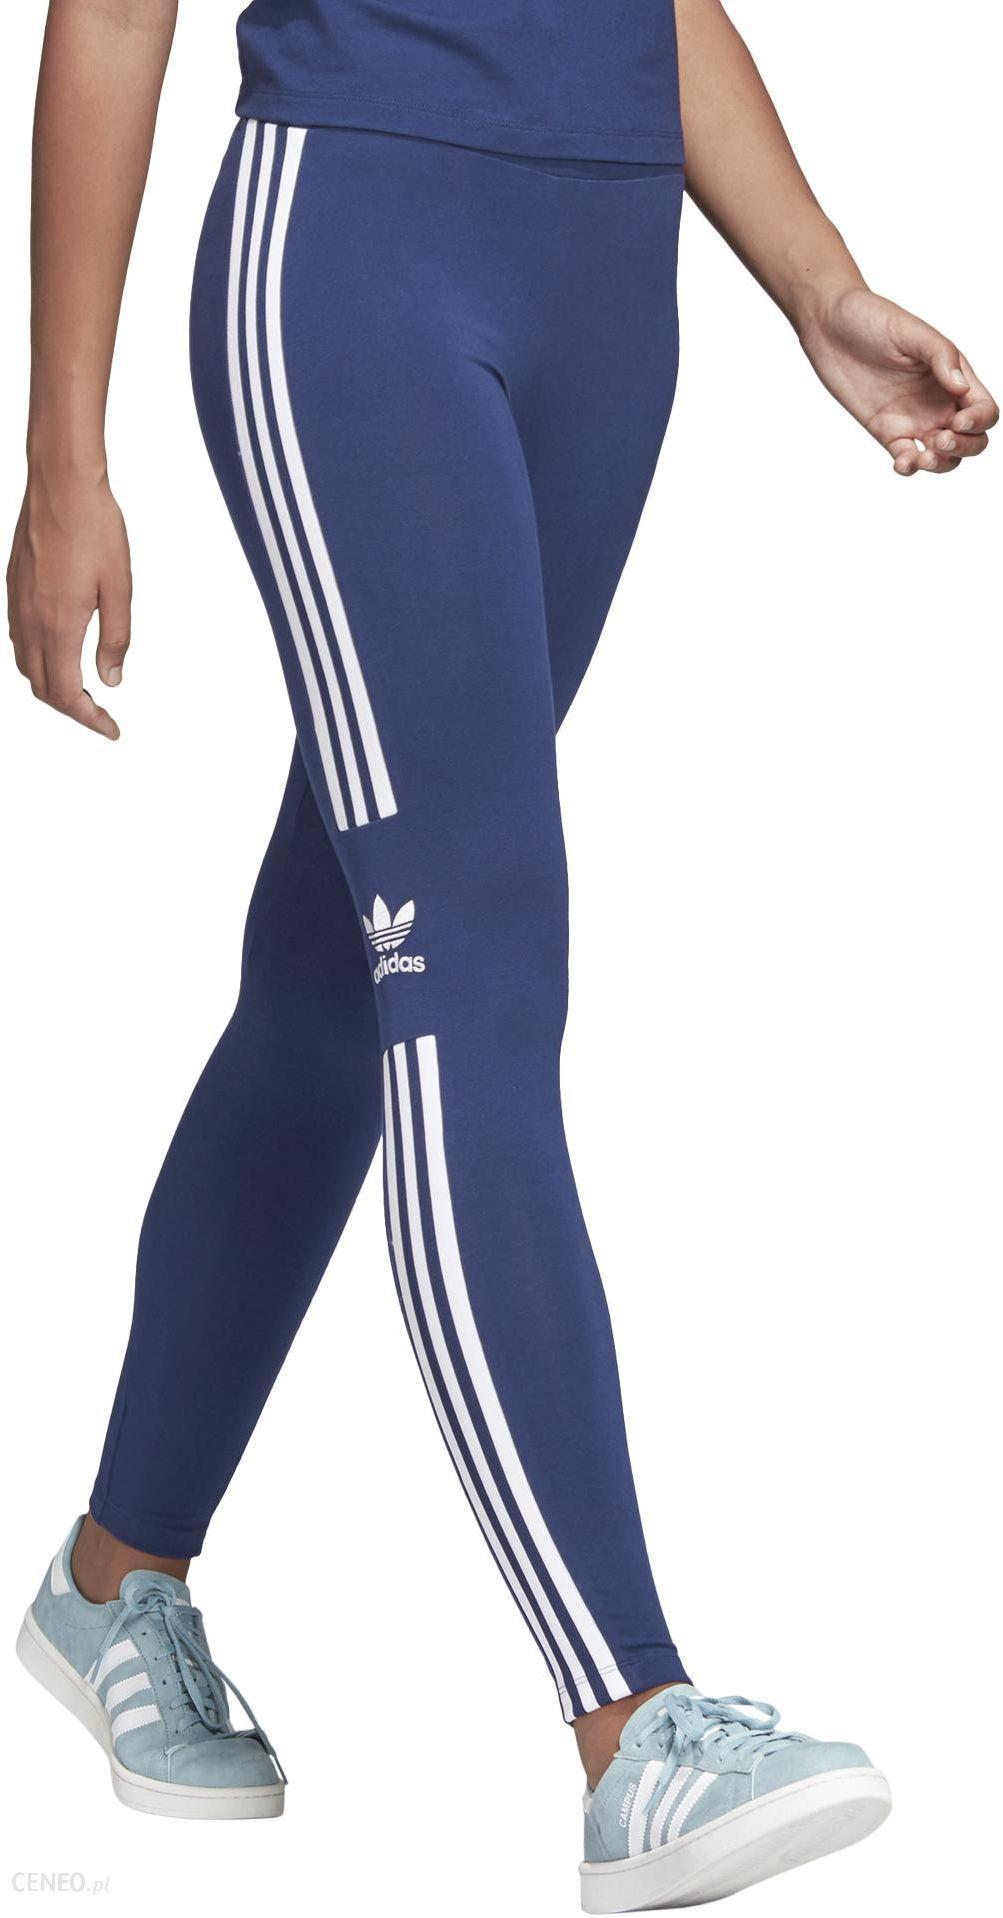 Legginsy w kolorze niebieskim do biegania Adidas